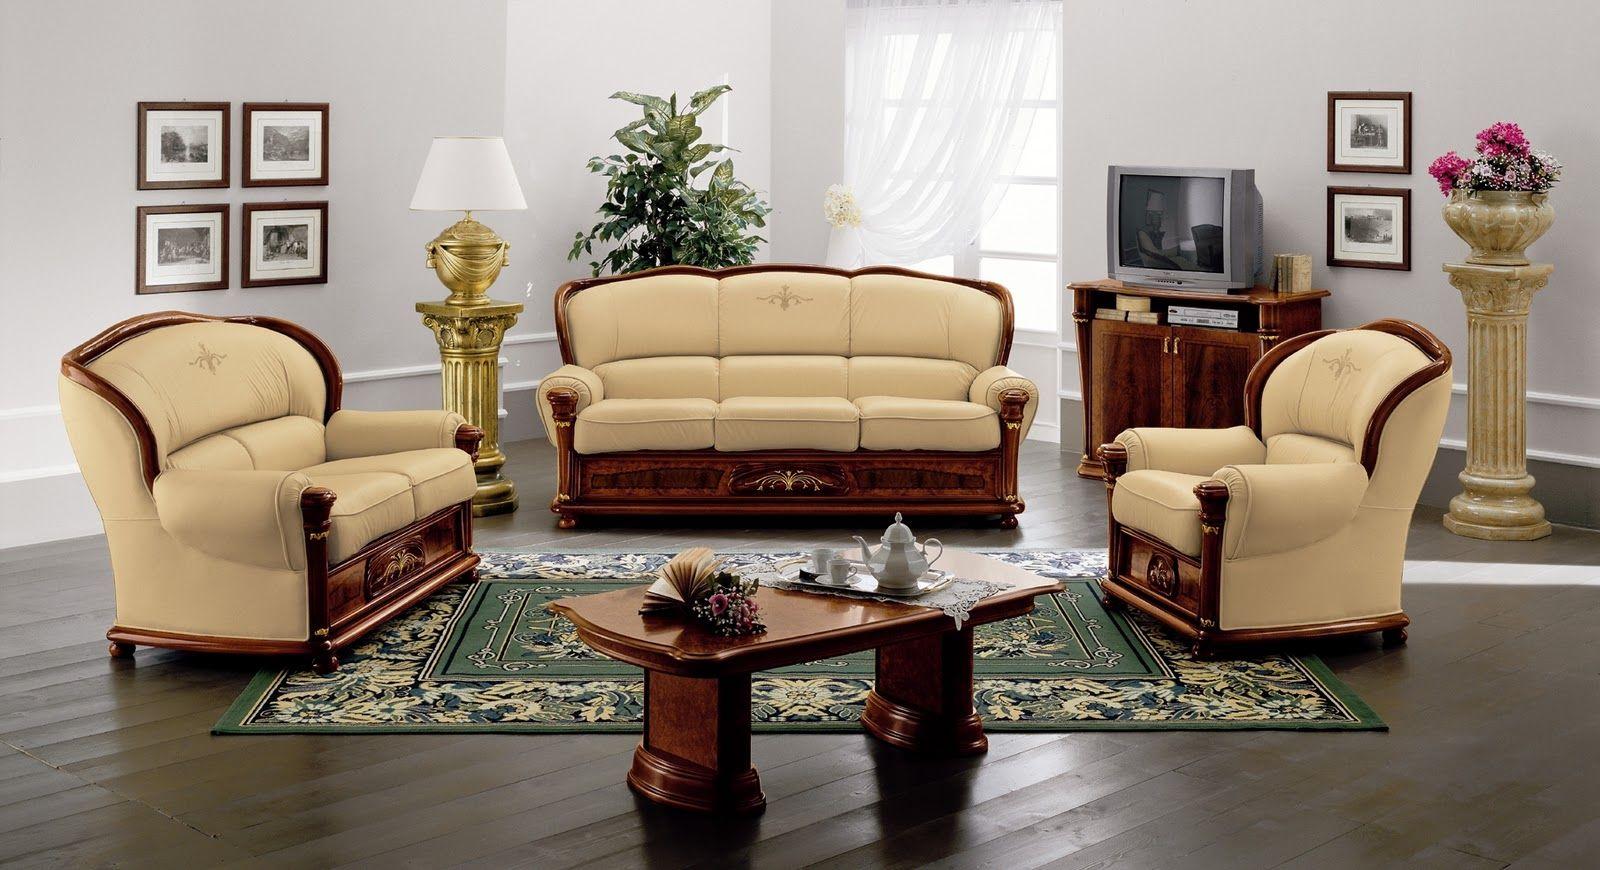 Chiniot furniture pakistan royal chiniot furniture for Living room furniture in pakistan